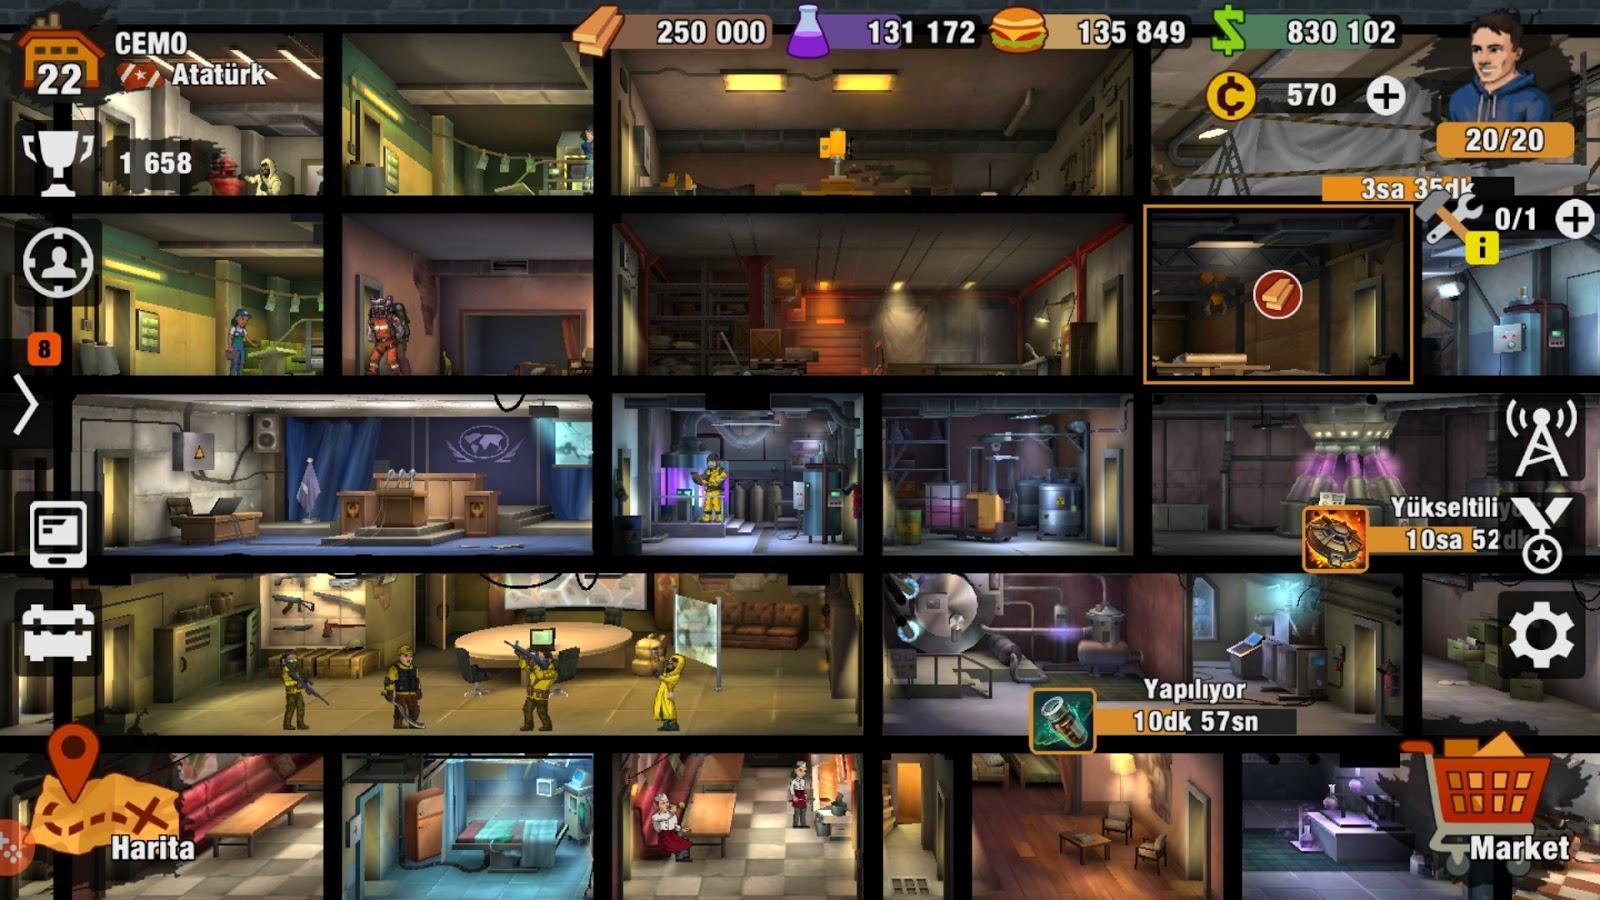 Zero City Oyun Incelemesi ve Tavsiyeler